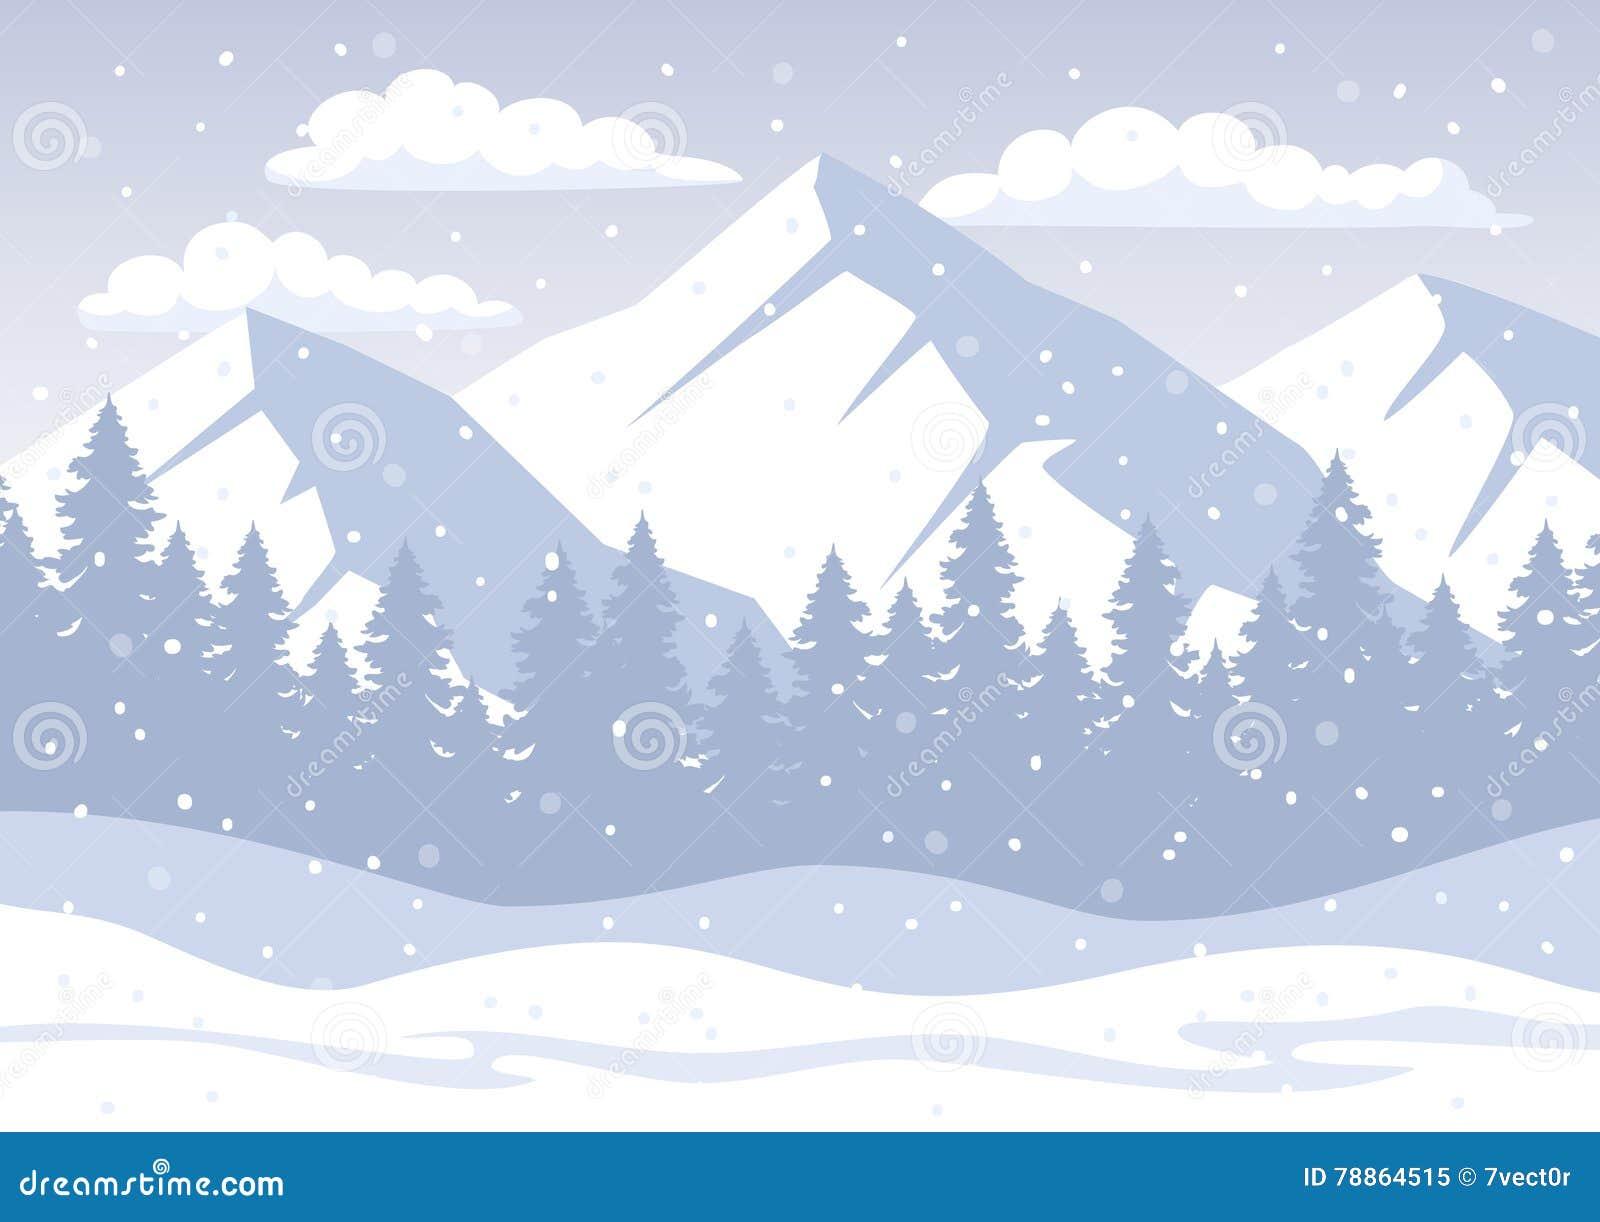 Fond d hiver de Noël blanc avec les montagnes rocheuses, forêt de pin, collines de neige, flocons de neige